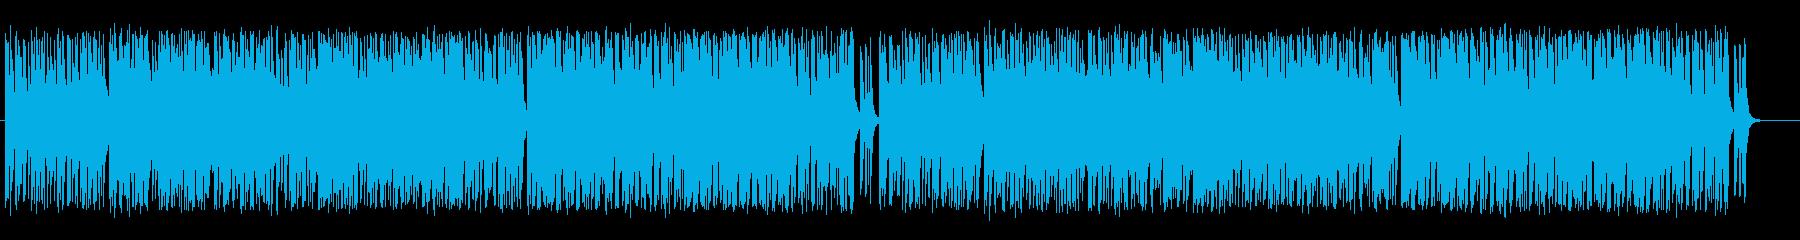 物憂げなアクションRPGのフィールド曲の再生済みの波形